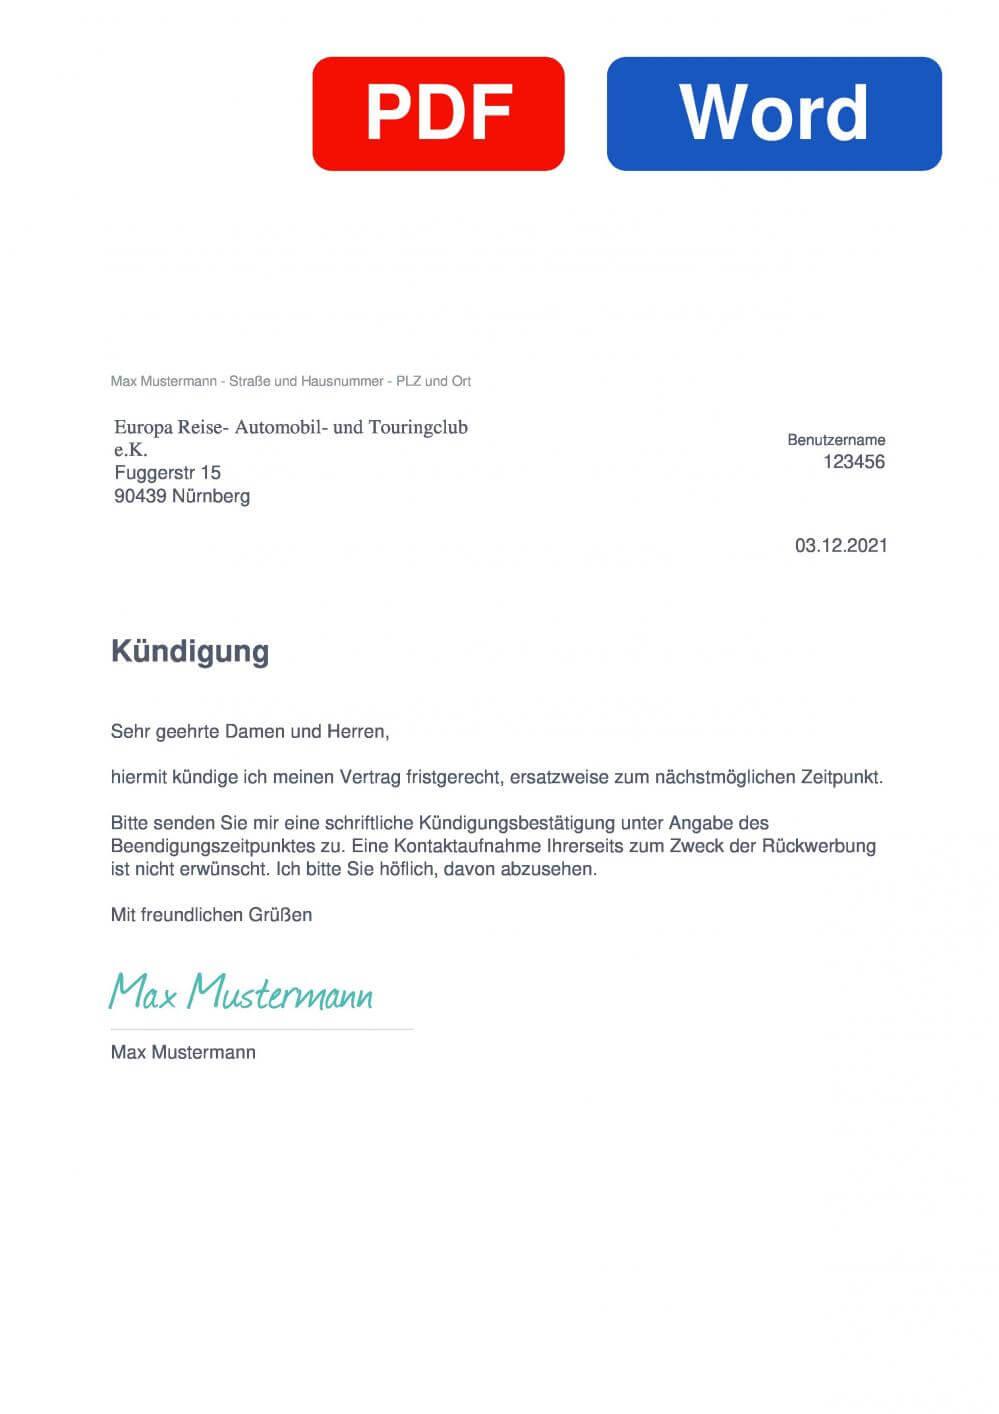 Tuningclub Muster Vorlage für Kündigungsschreiben